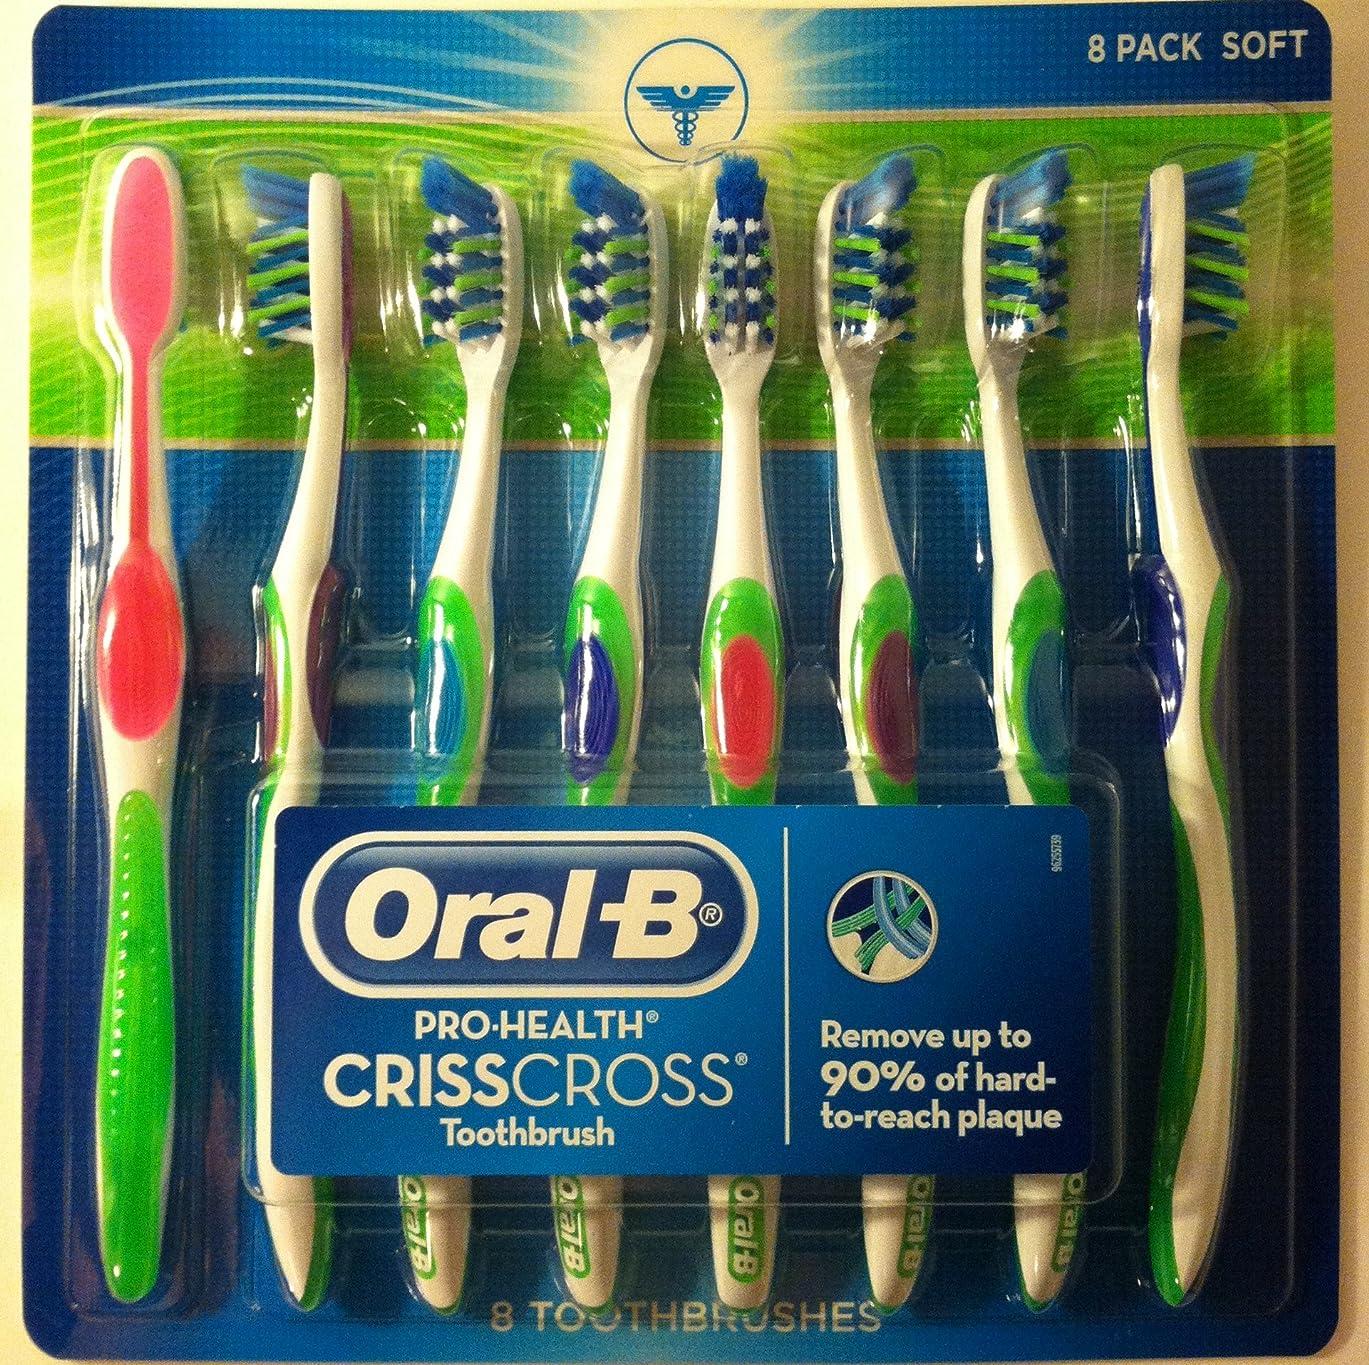 化粧手つかずのオアシス【歯垢をかきだす歯ブラシ】ORAL B? ADVANTAGE CRISSCROSS TOOTHBRUSH - SOFT 8本 歯ブラシ